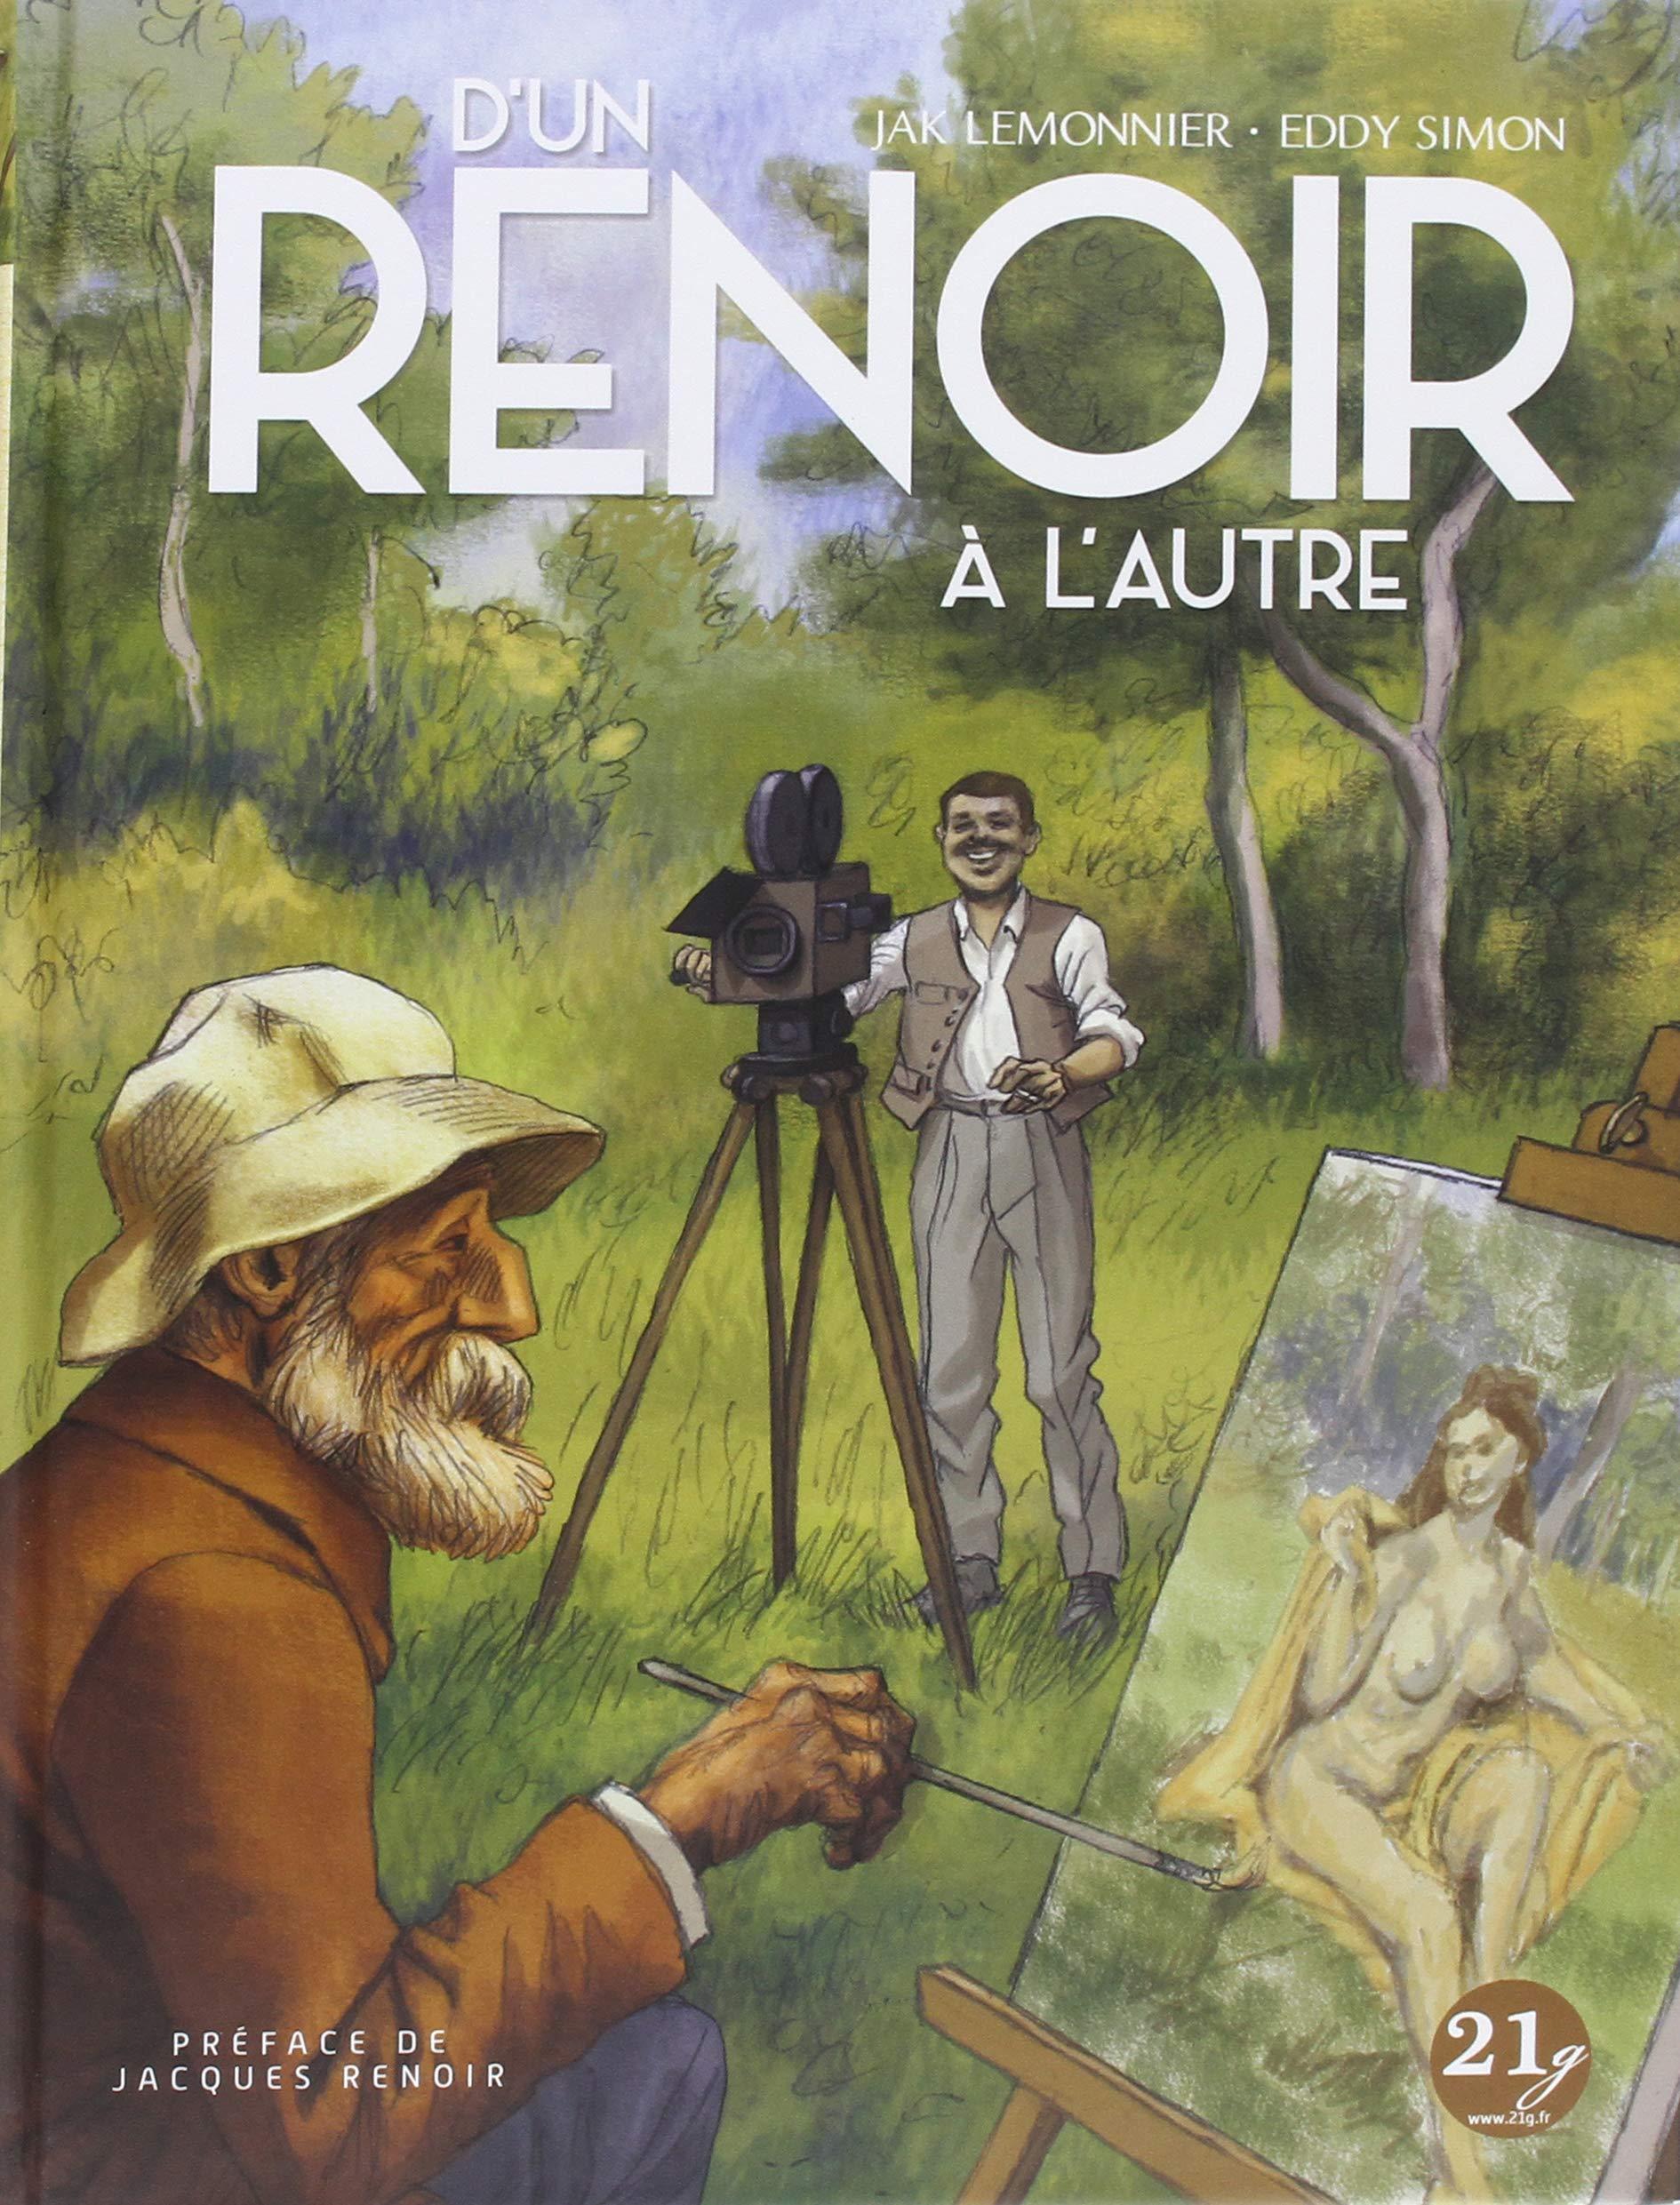 D'un Renoir à l'autre de Jak Lemonnier et Eddy Simon